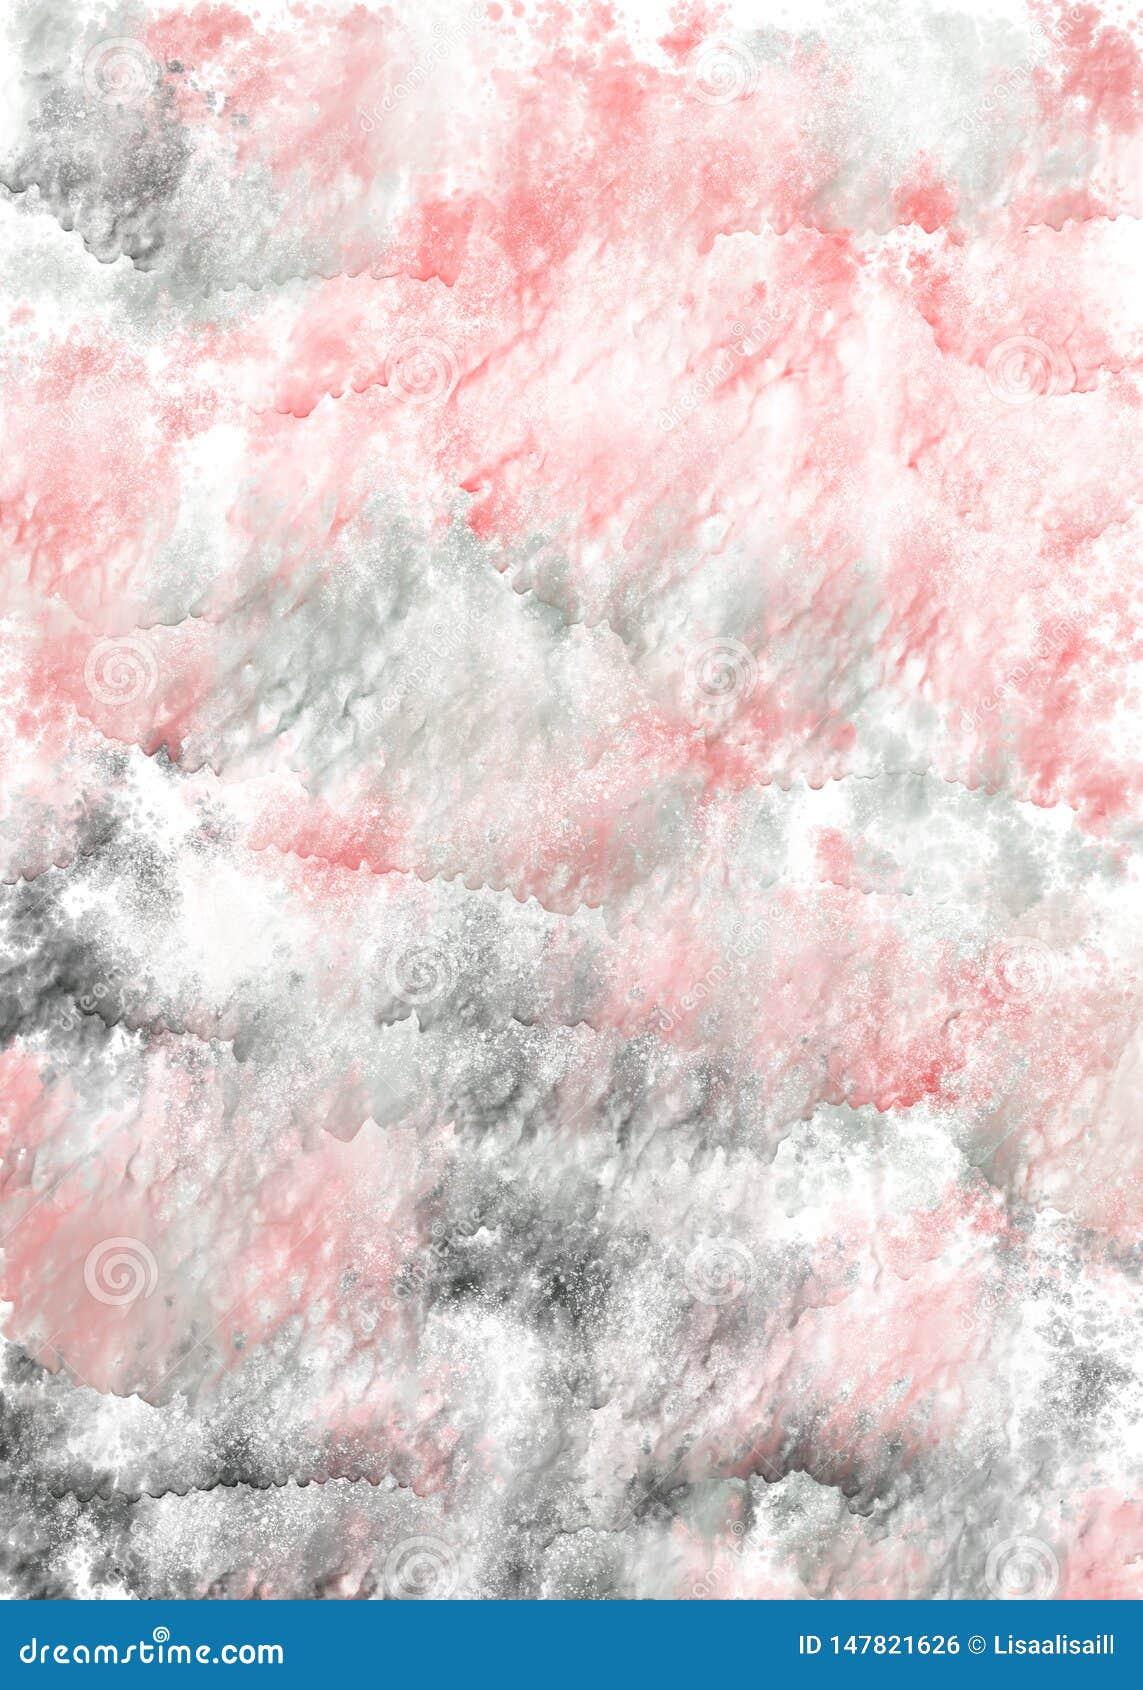 Ρόδινο και γκρίζο κάθετο υπόβαθρο watercolor Το χέρι σύρει το σκηνικό watercolor με το ρέοντας χρώμα και το νερό Επίδραση